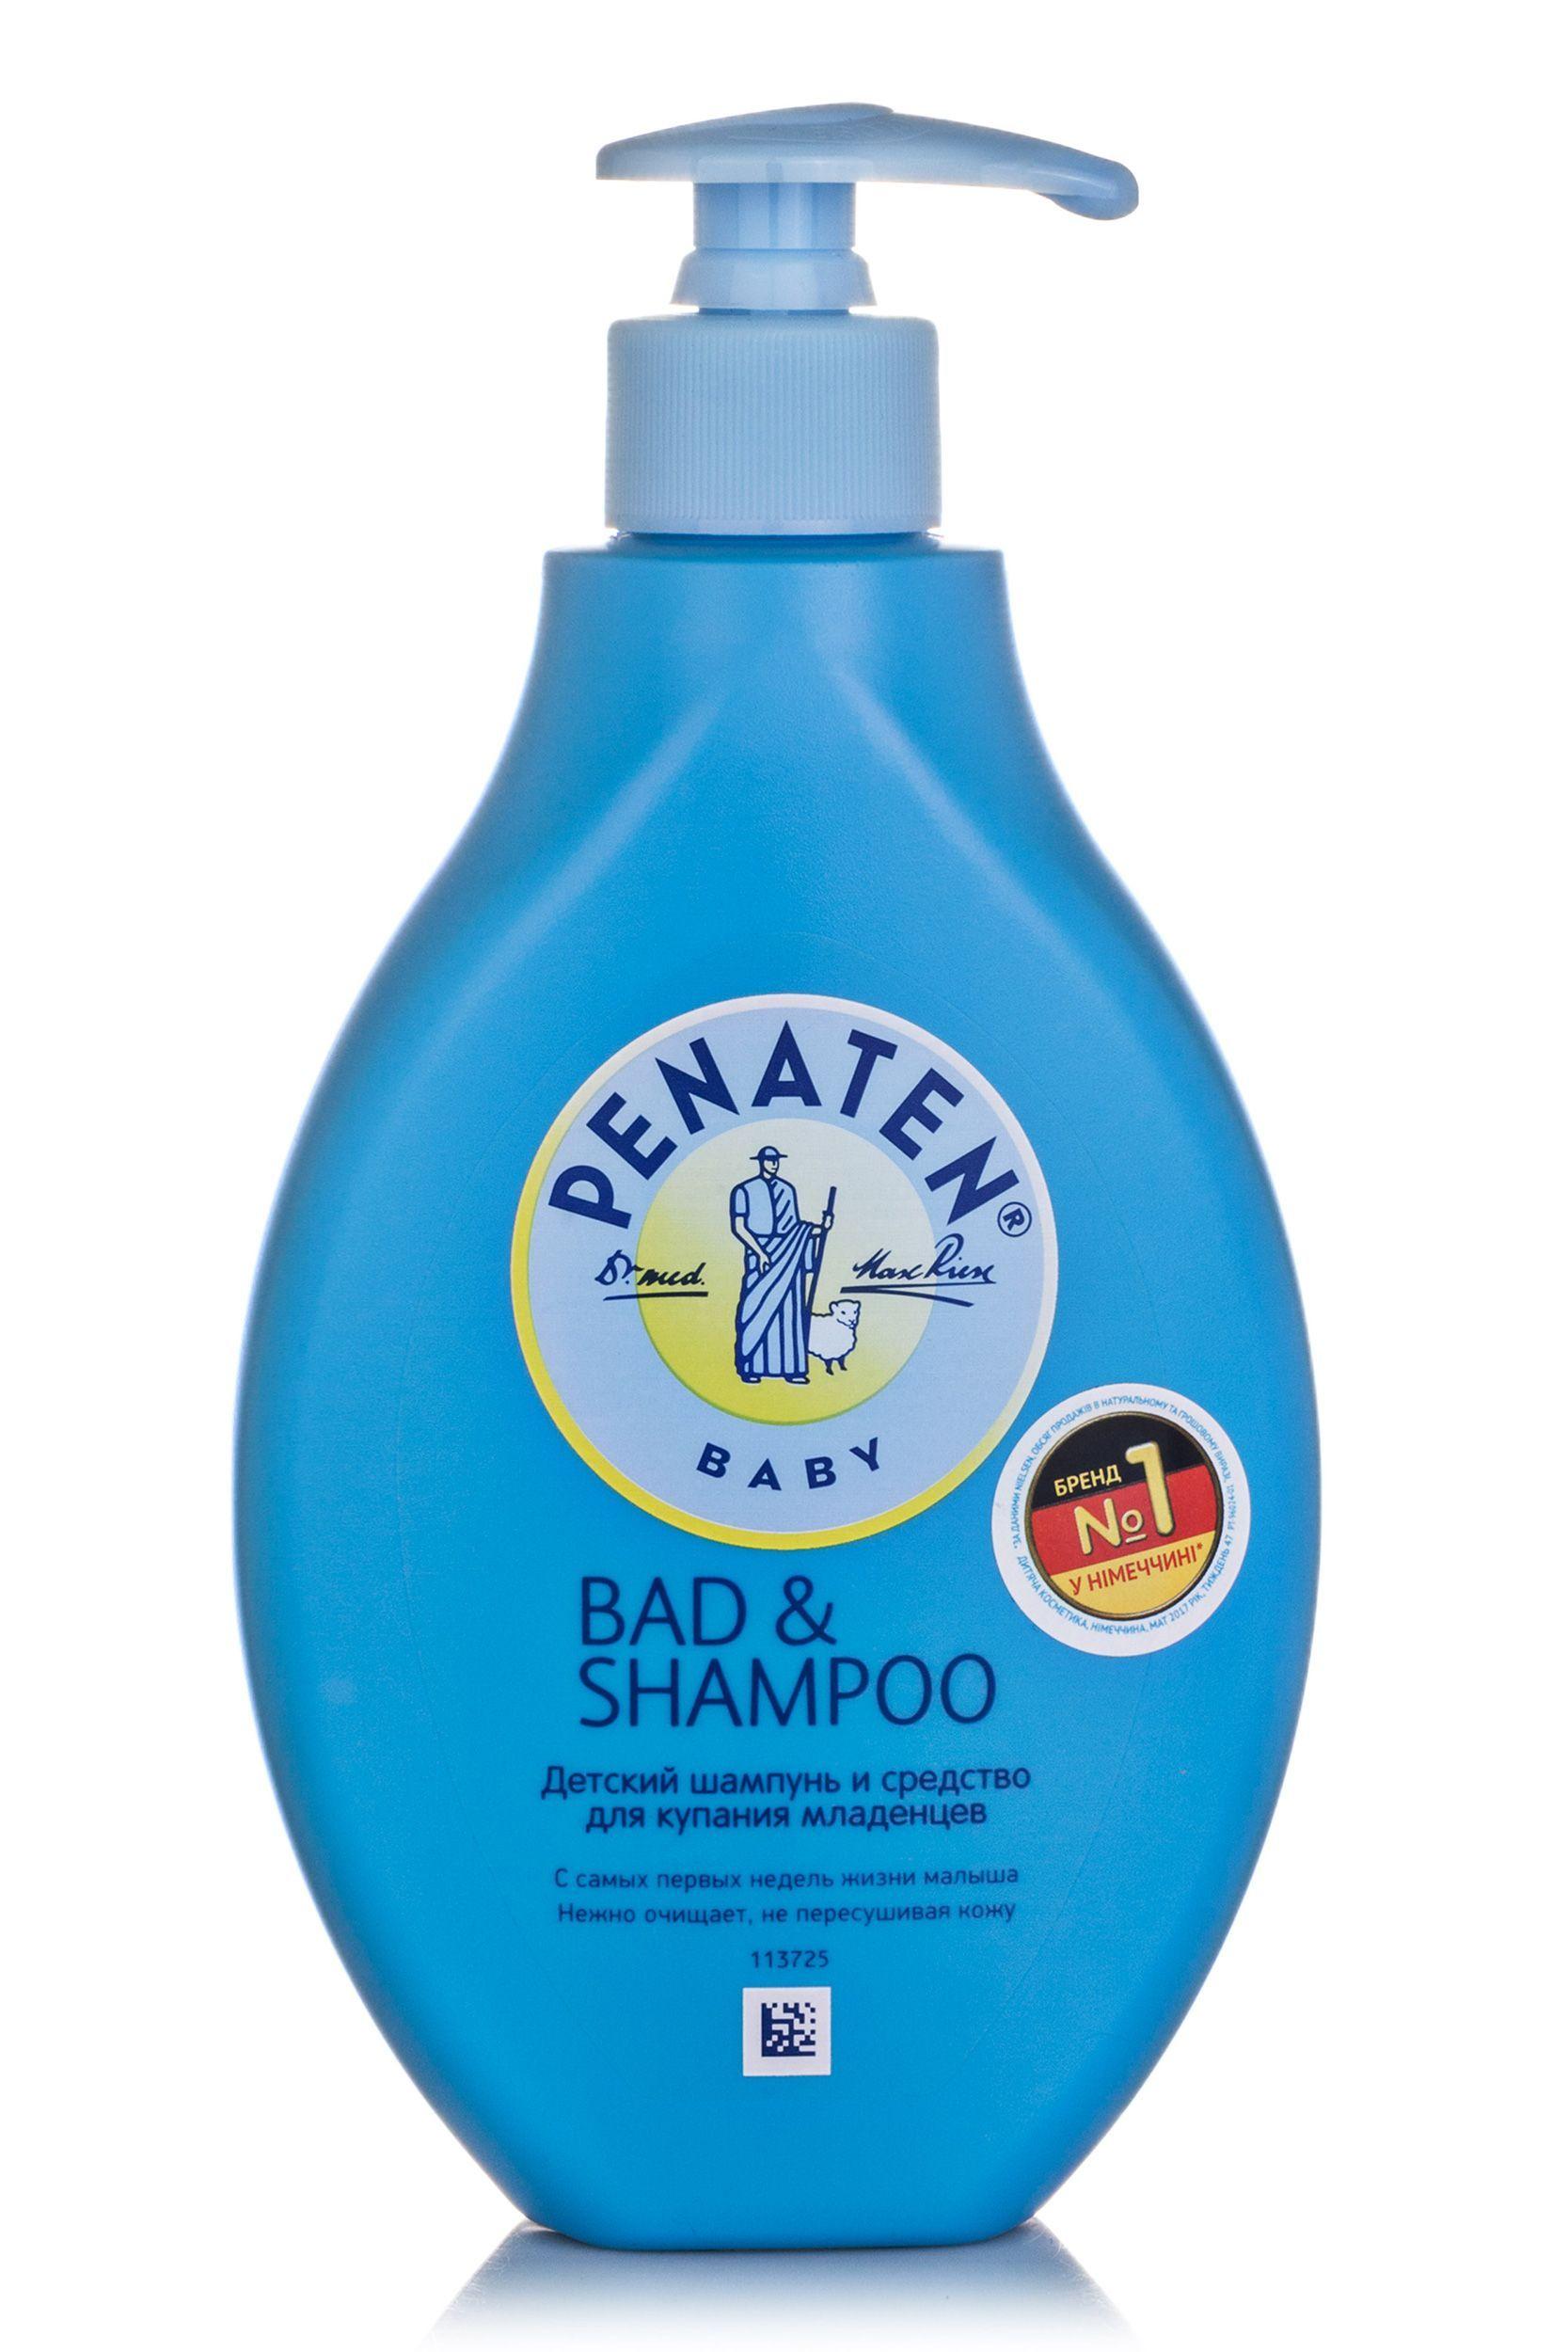 фото упаковки Penaten Детский шампунь и средство для купания младенцев